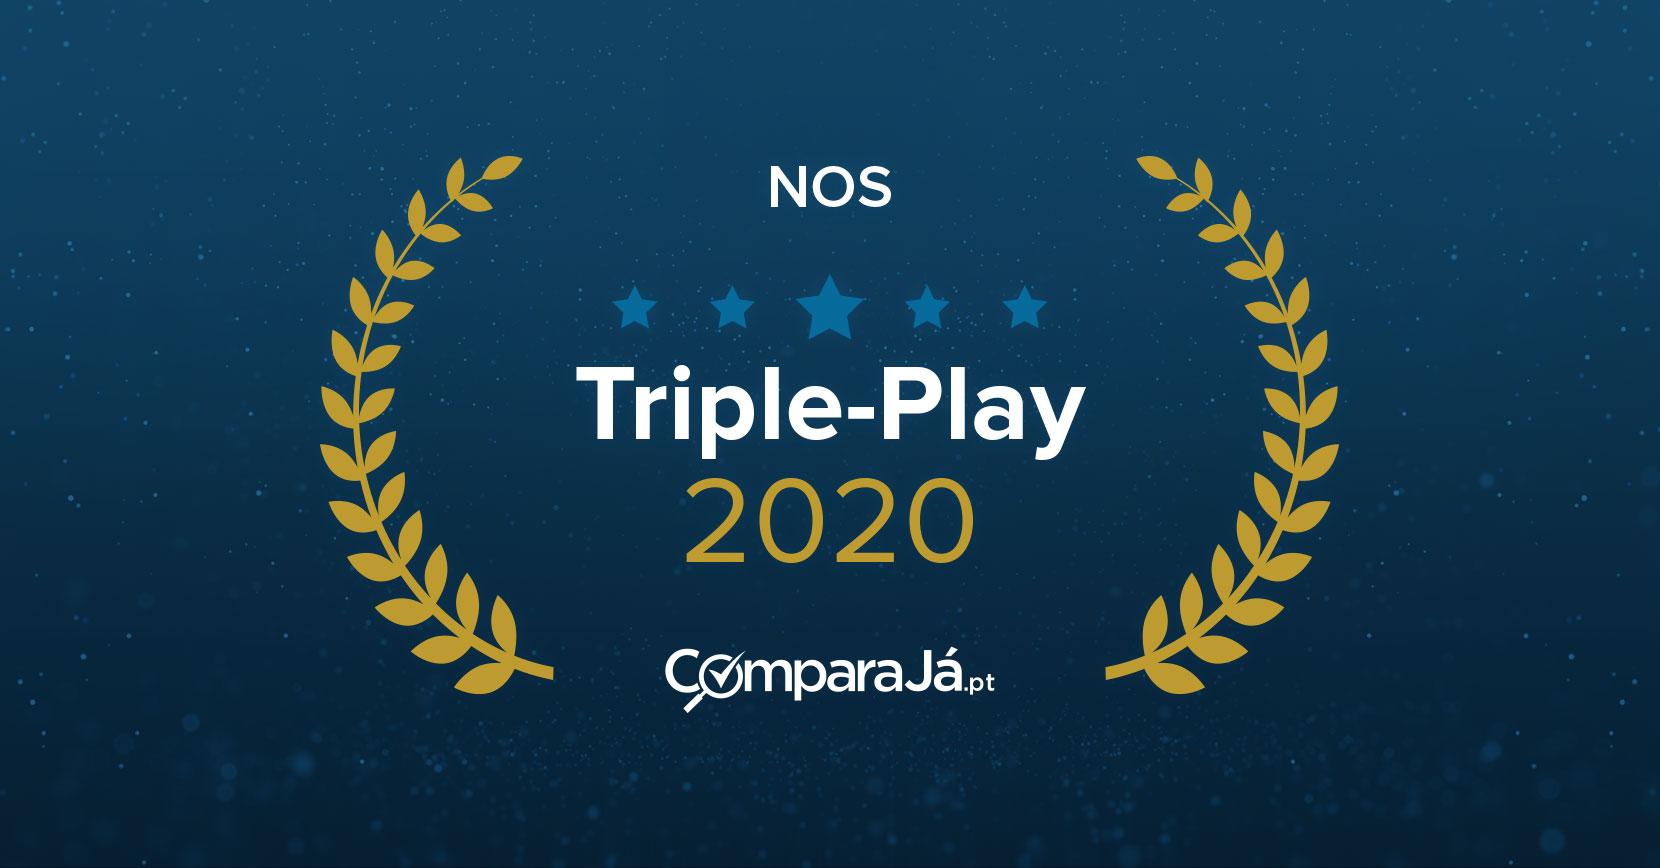 Prémio Triple-Play mais competitivo_NOS